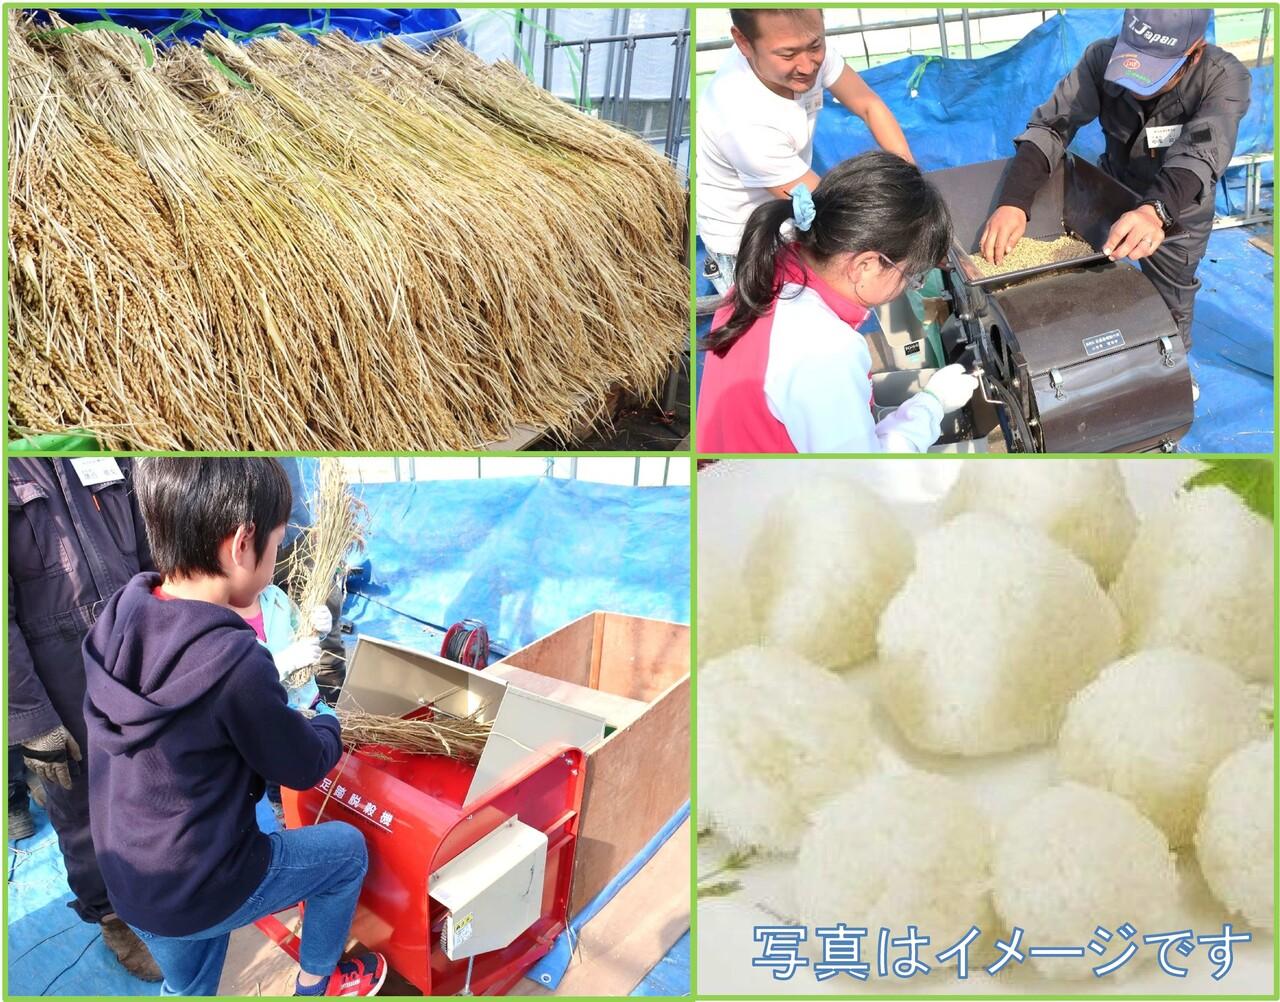 稲の脱穀と唐箕をしておにぎりを作ろう